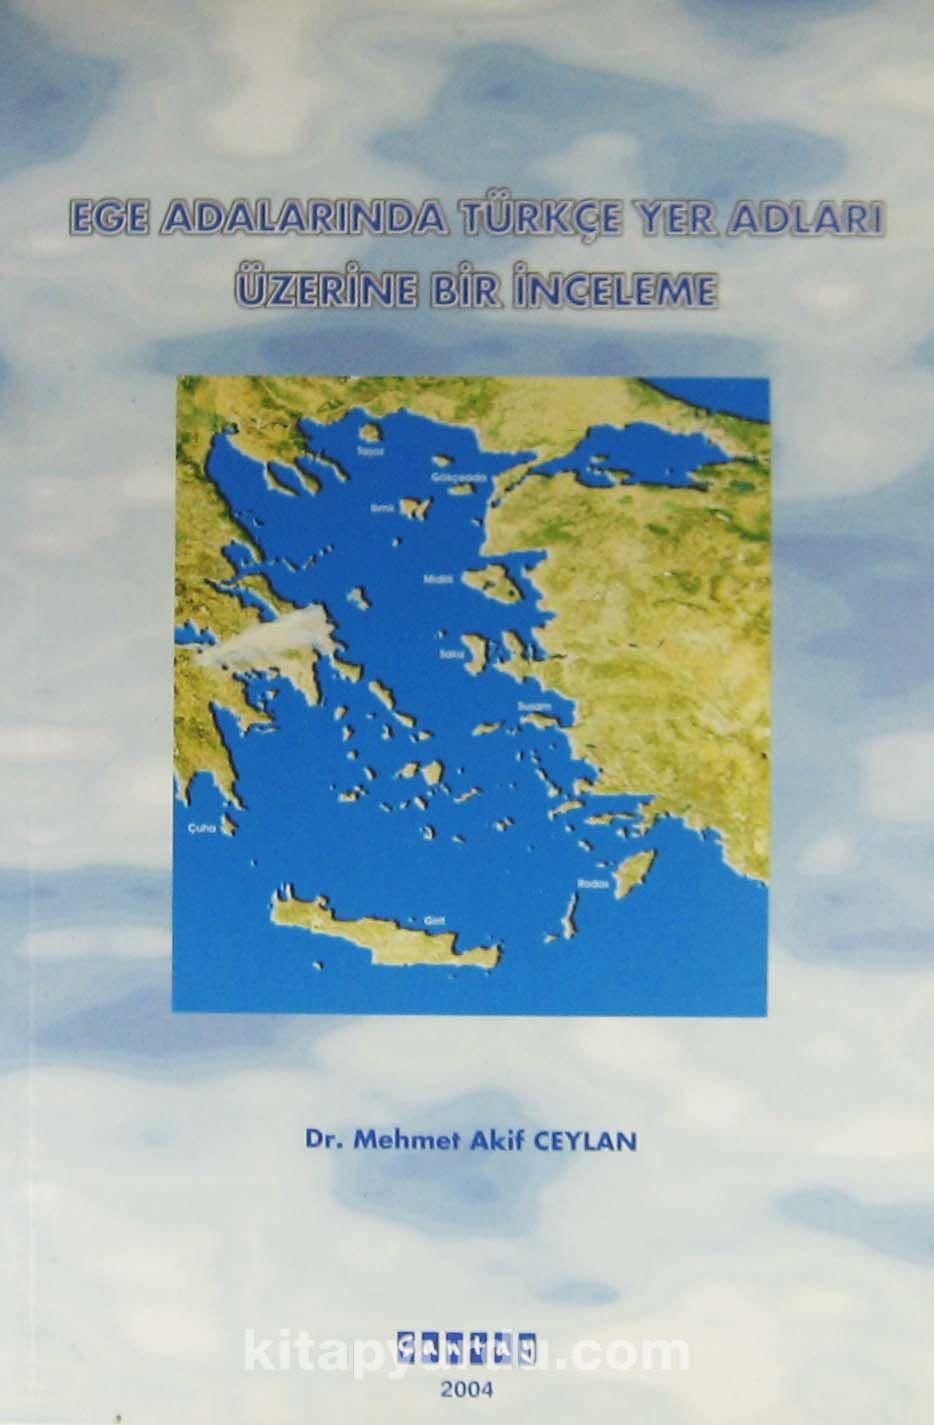 Ege Adalarında Türkçe Yer Adları Üzerine Bir İnceleme - Dr. Mehmet Akif Ceylan pdf epub